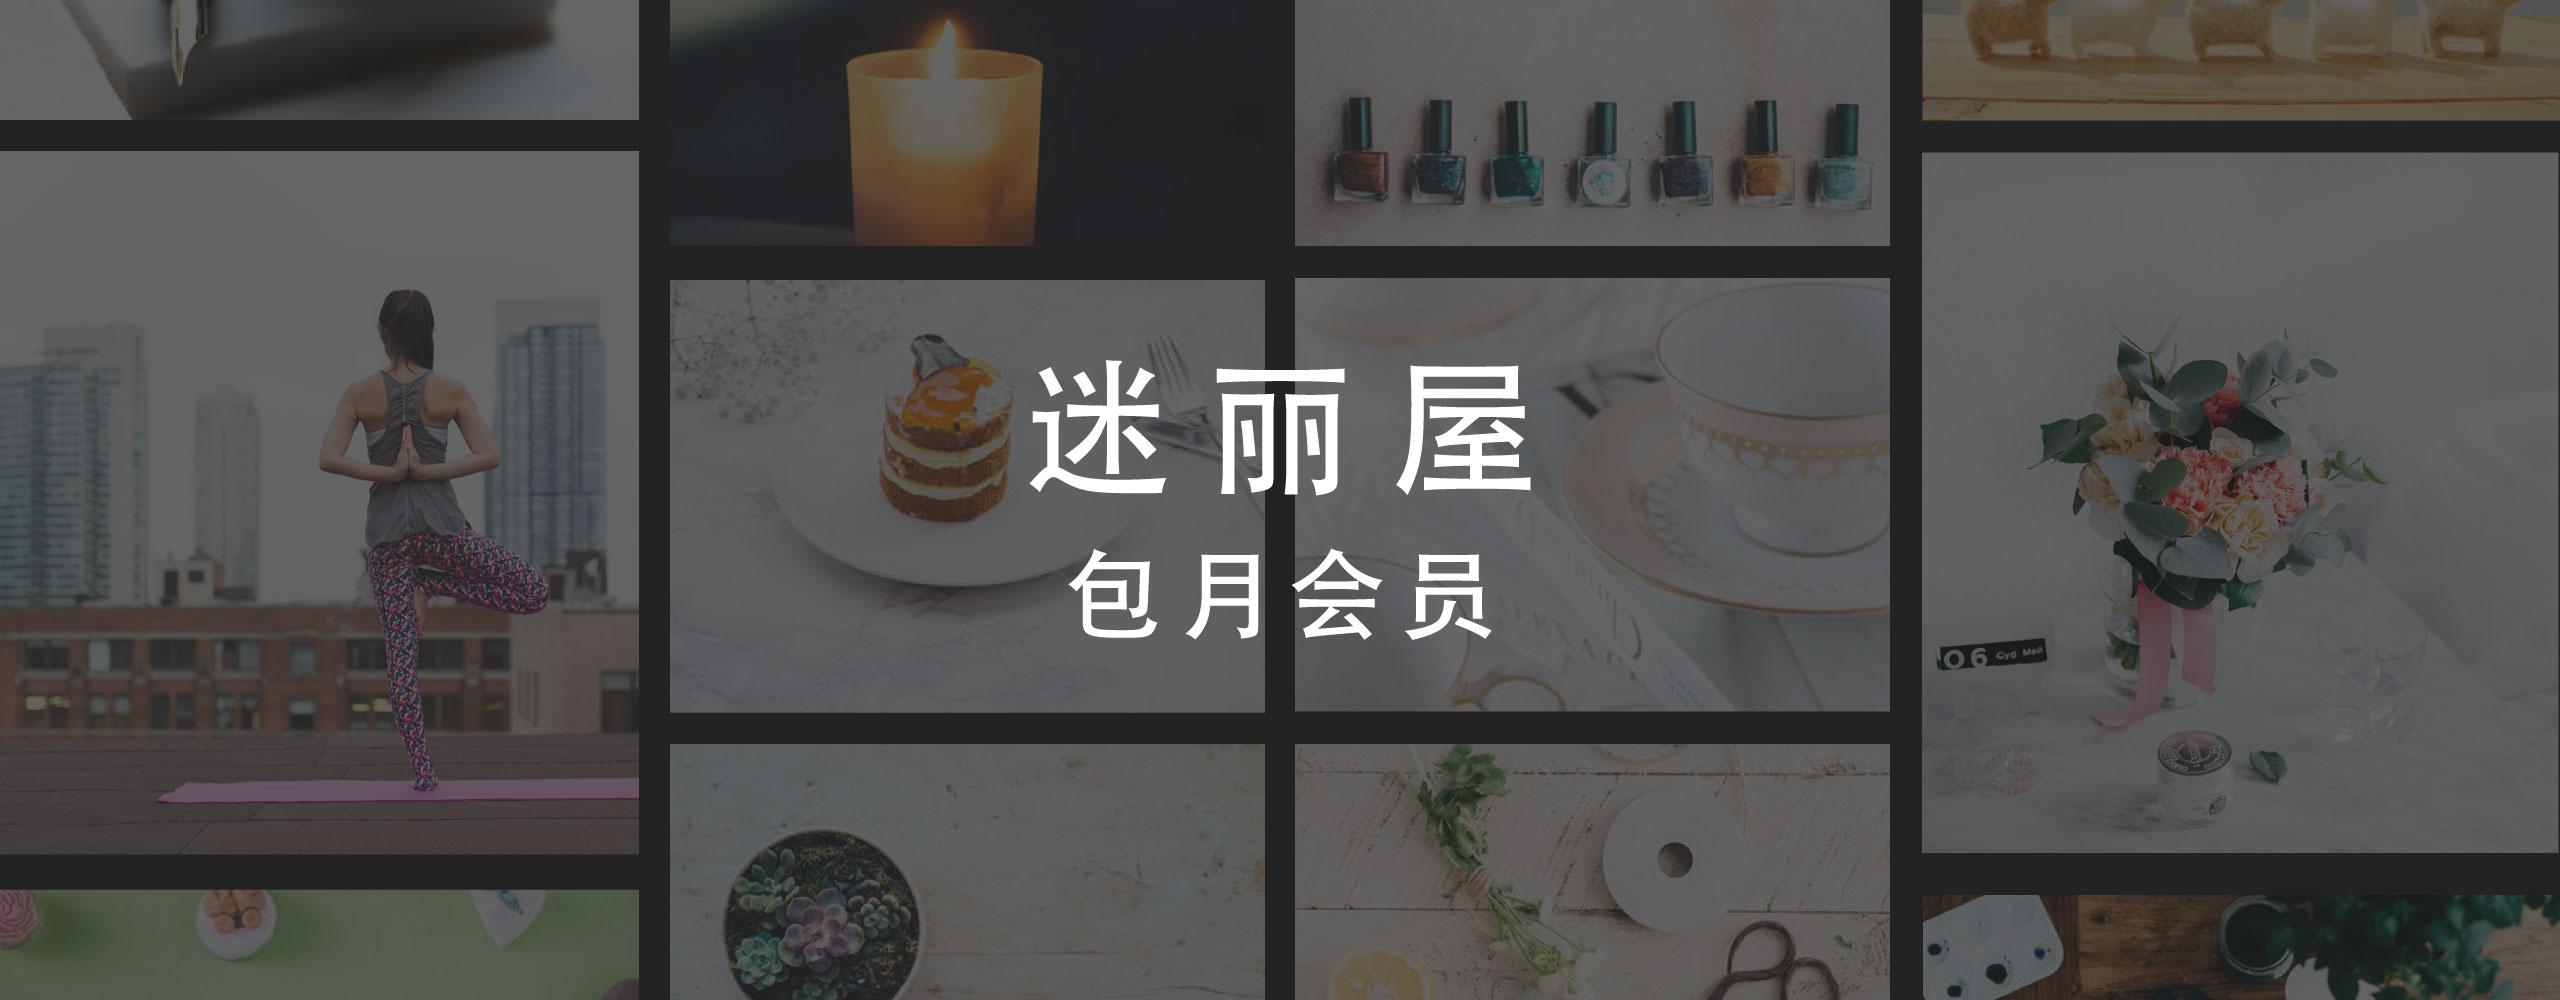 Premium top pc cn